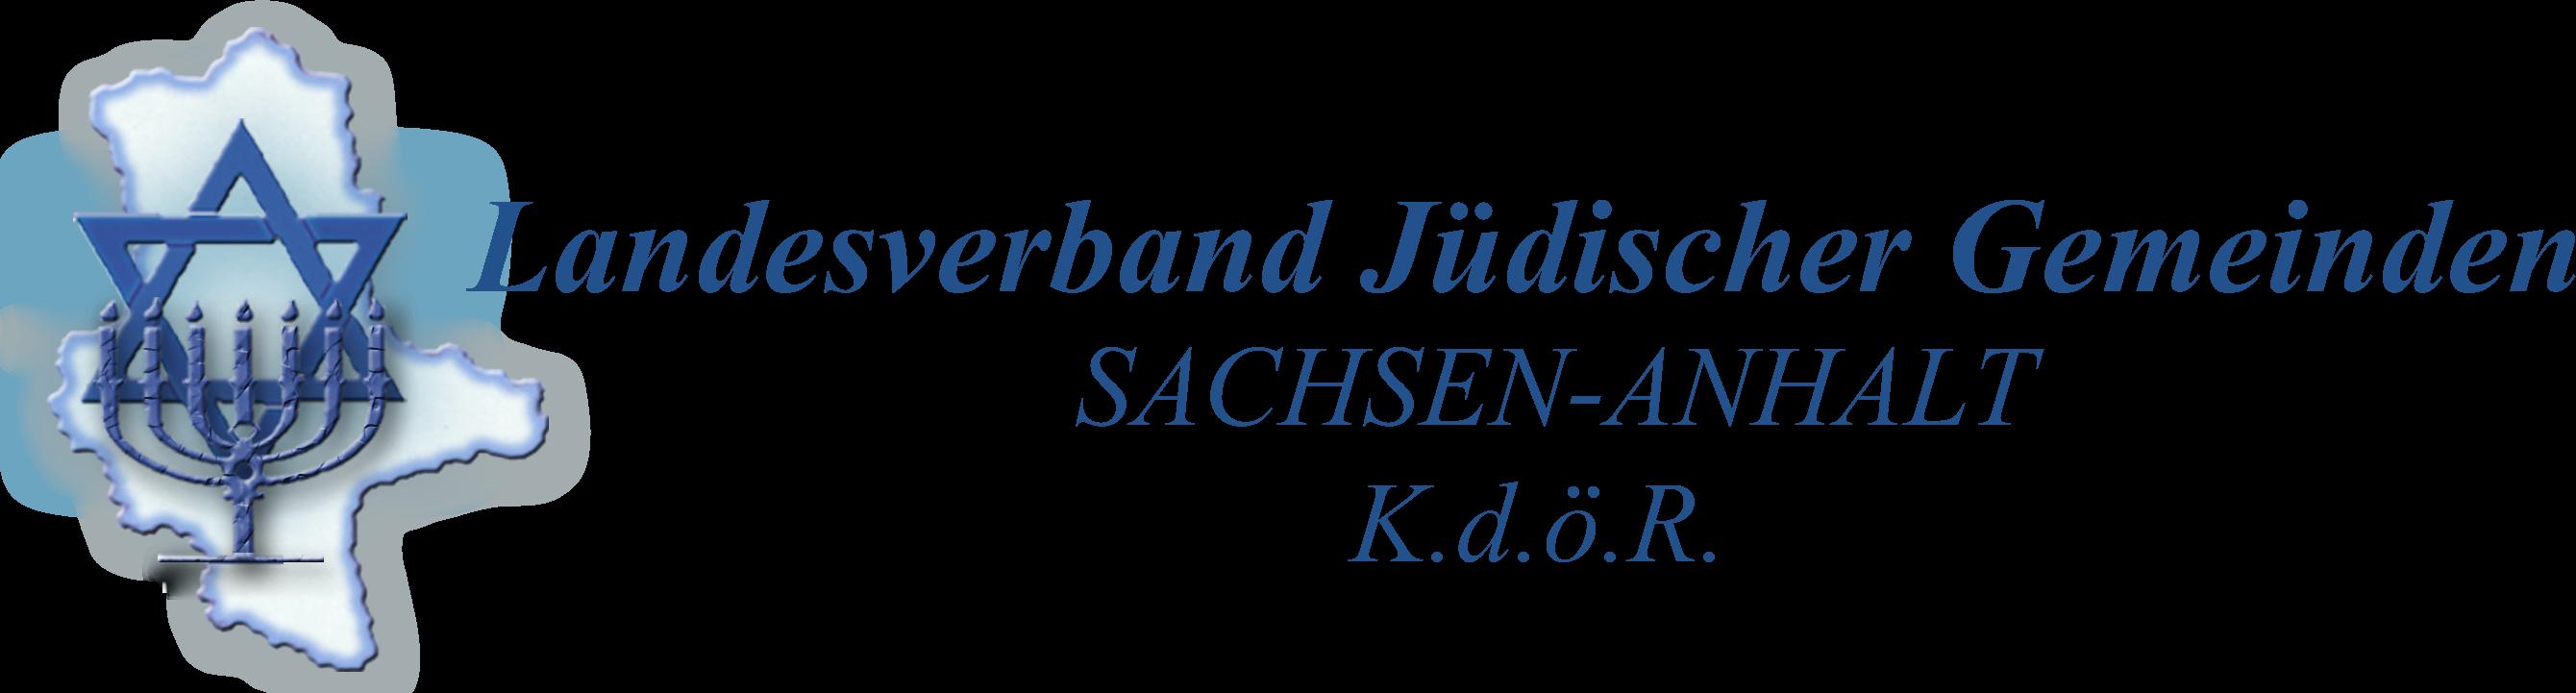 Landesverband Jüdischer Gemeinden Sachsen-Anhalt